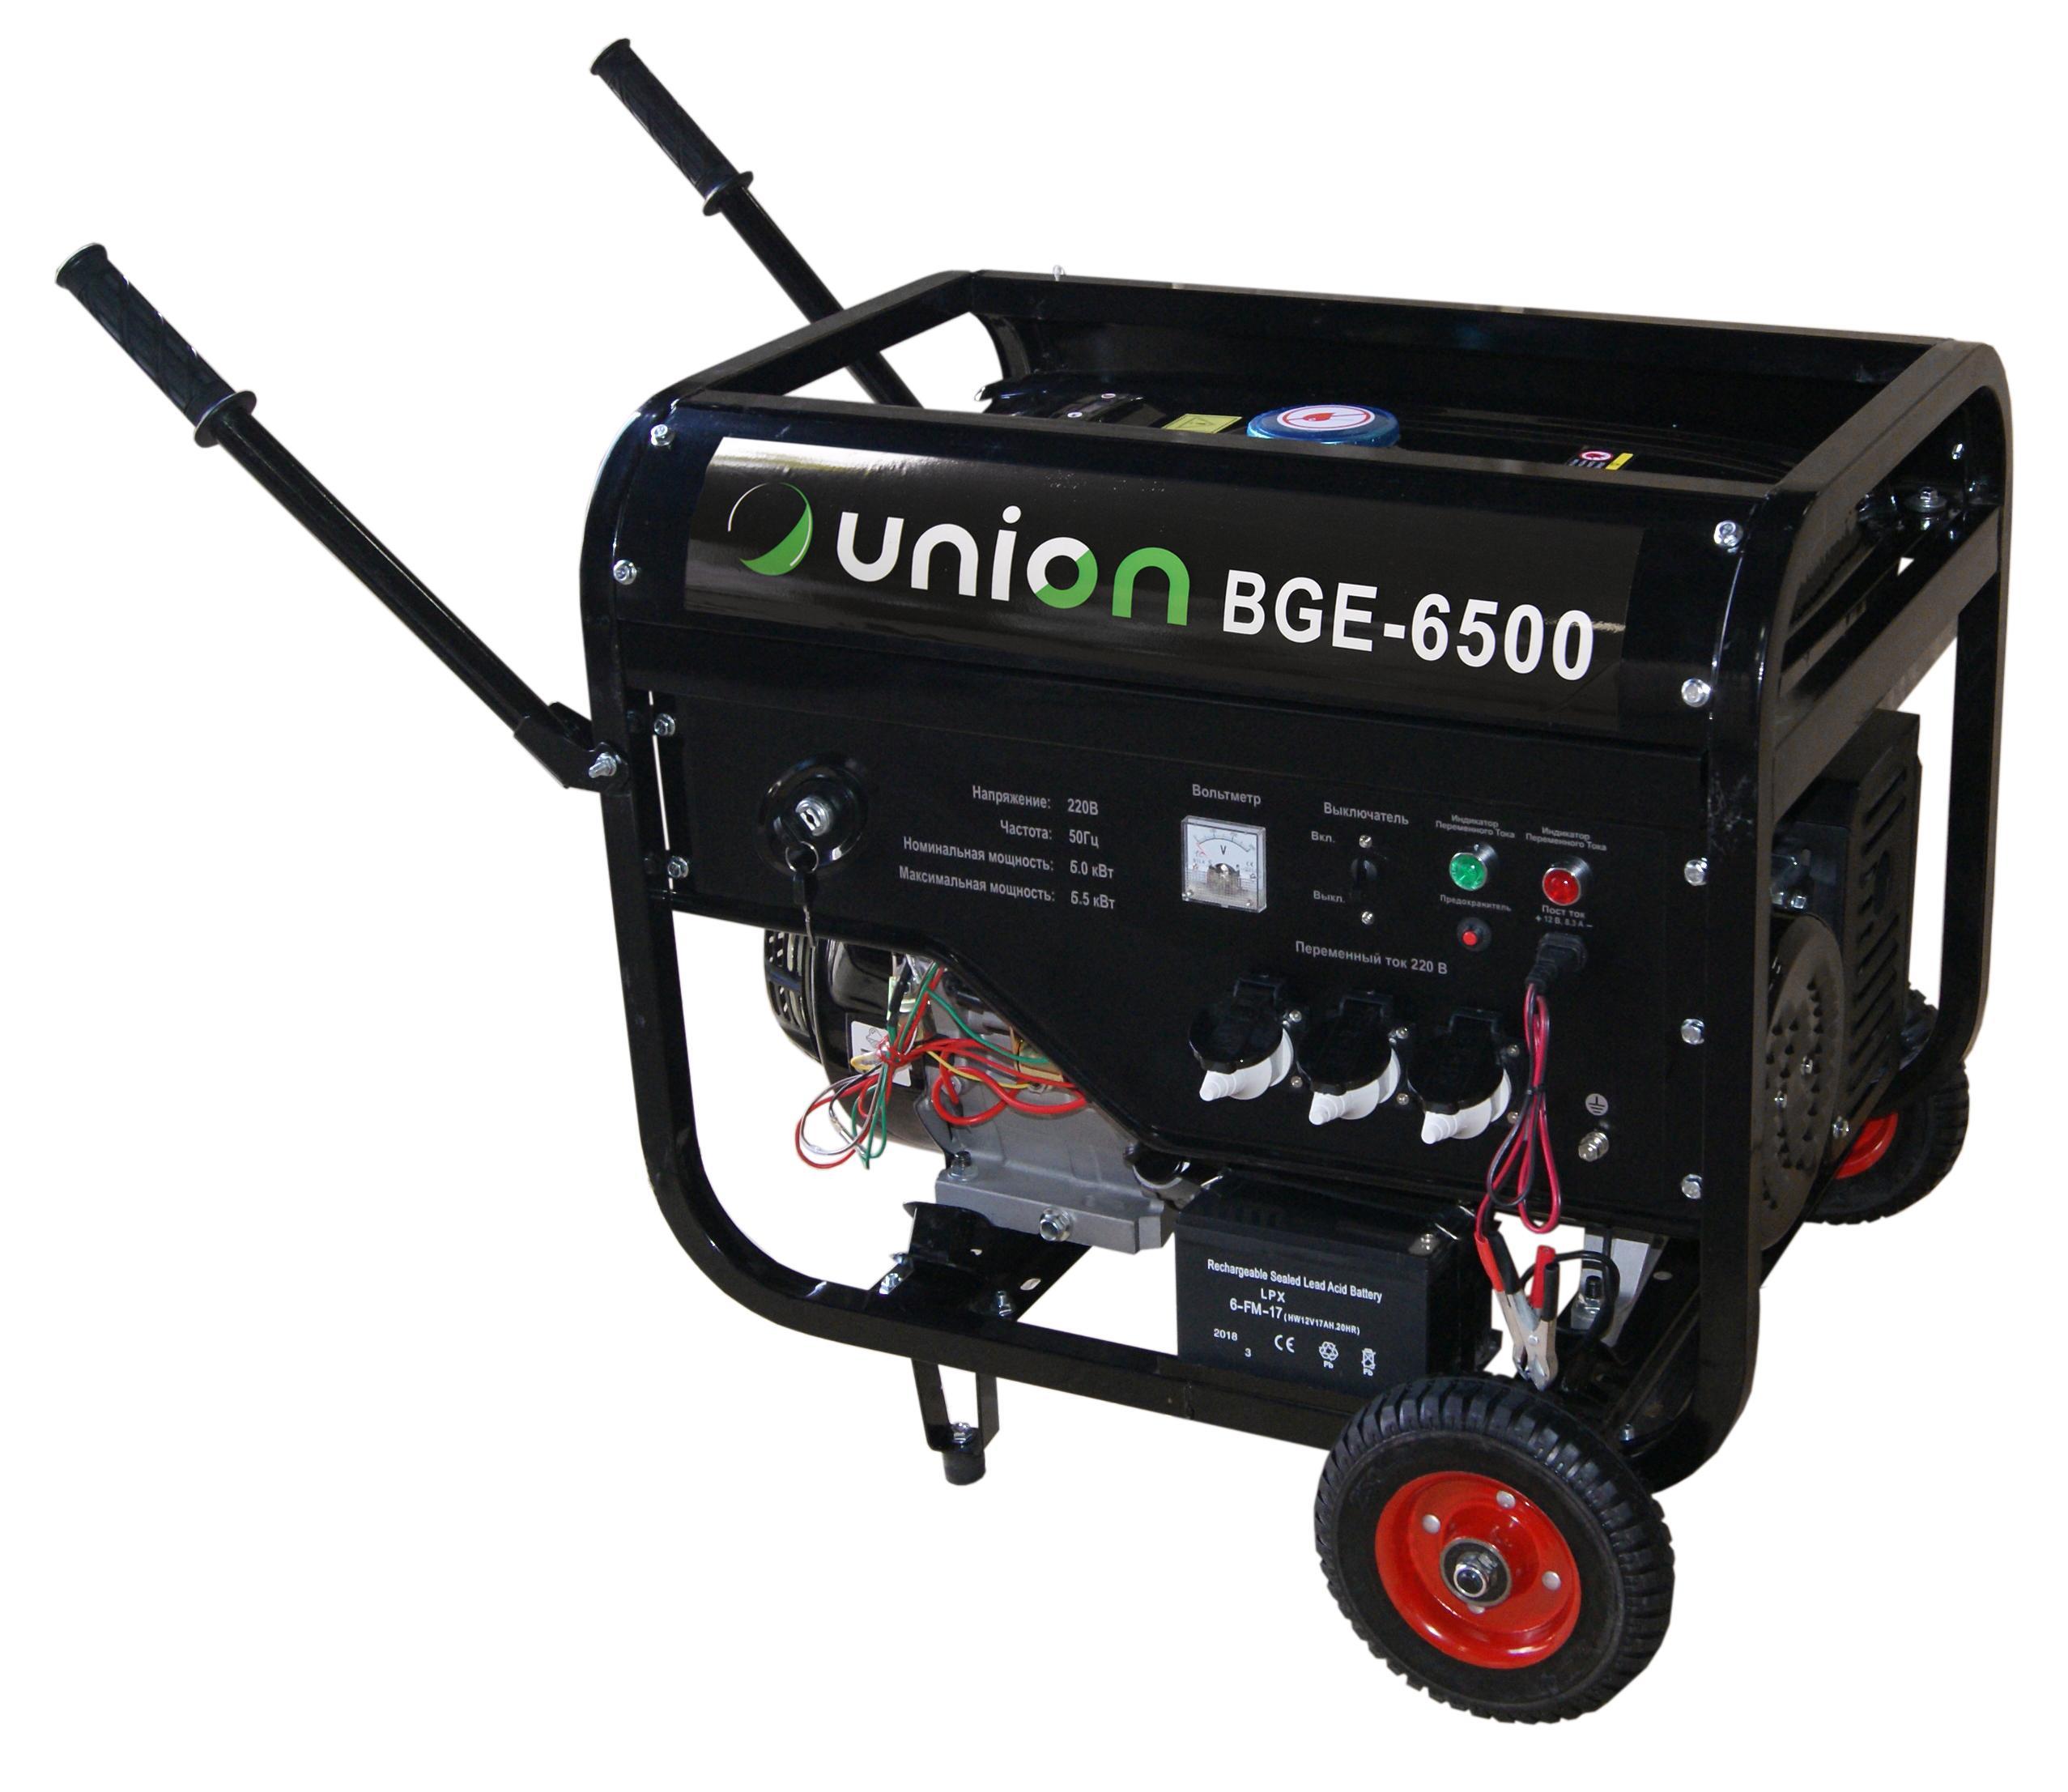 Купить со скидкой Бензиновый генератор Union Bge-6500